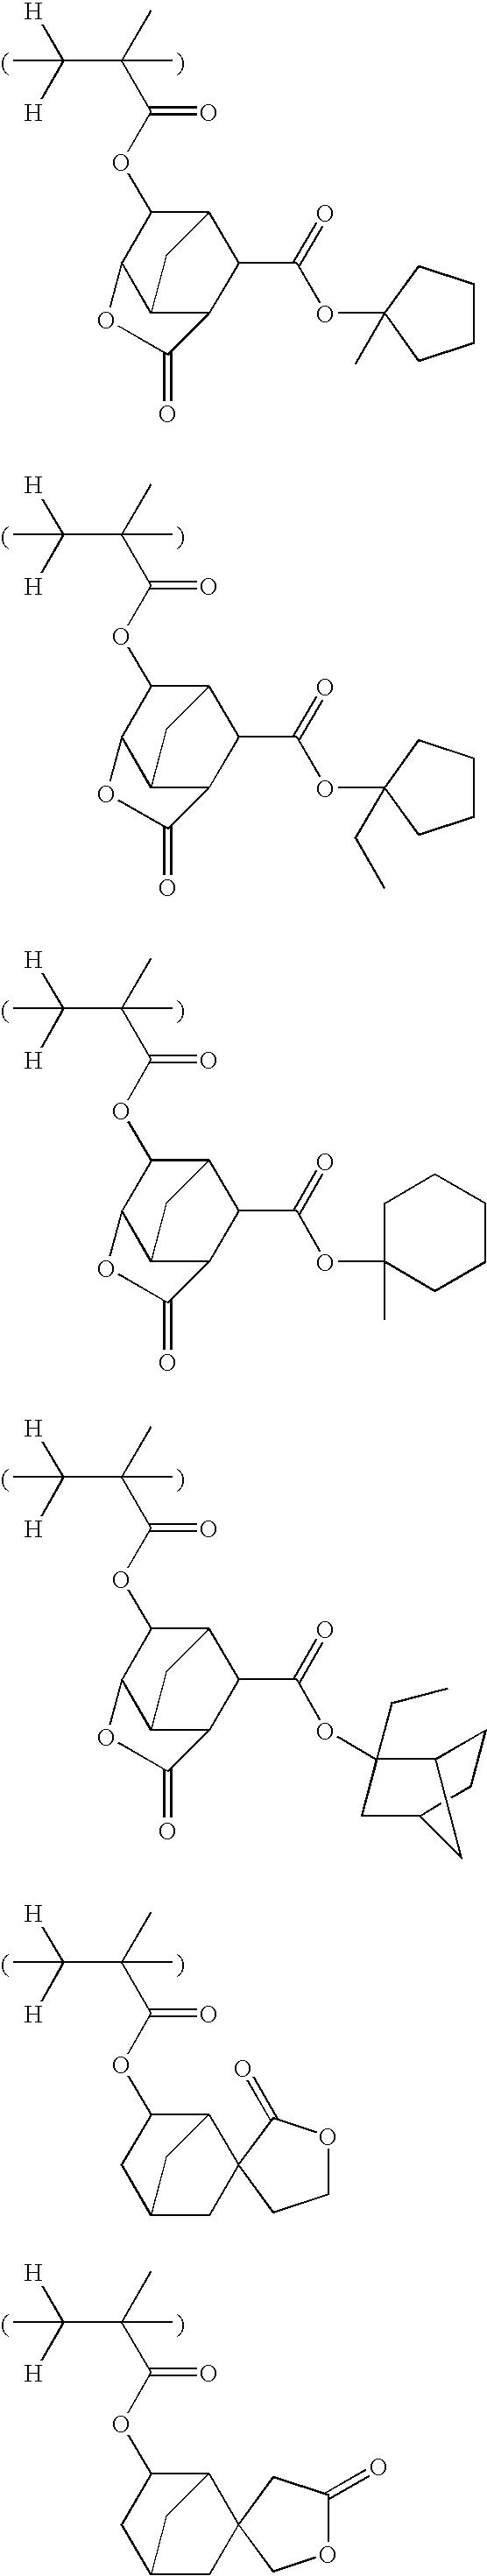 Figure US20080026331A1-20080131-C00059